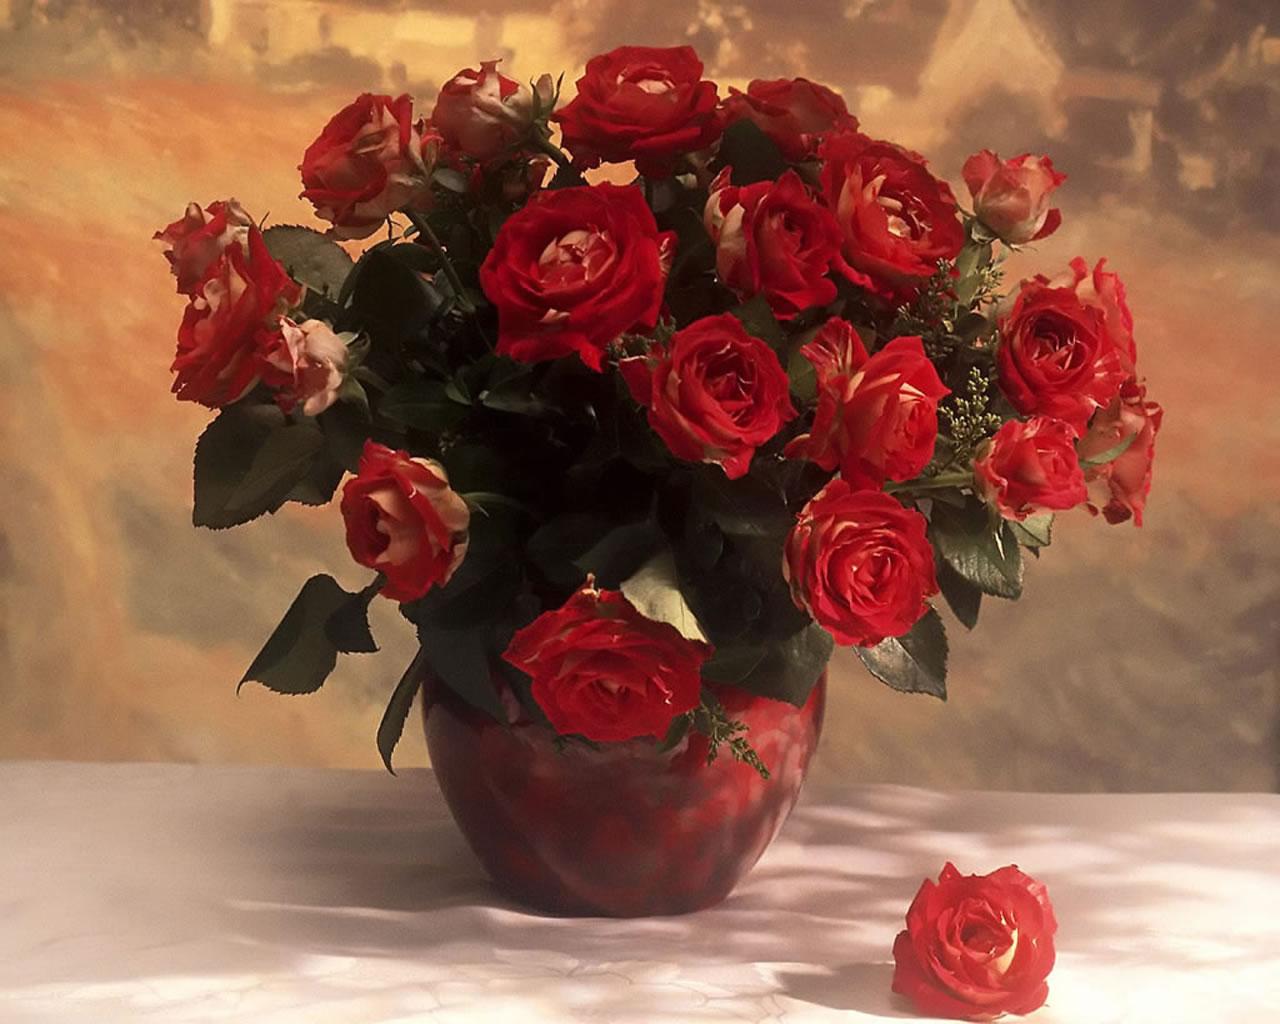 Открытки цветы смотреть онлайн, шоколадные